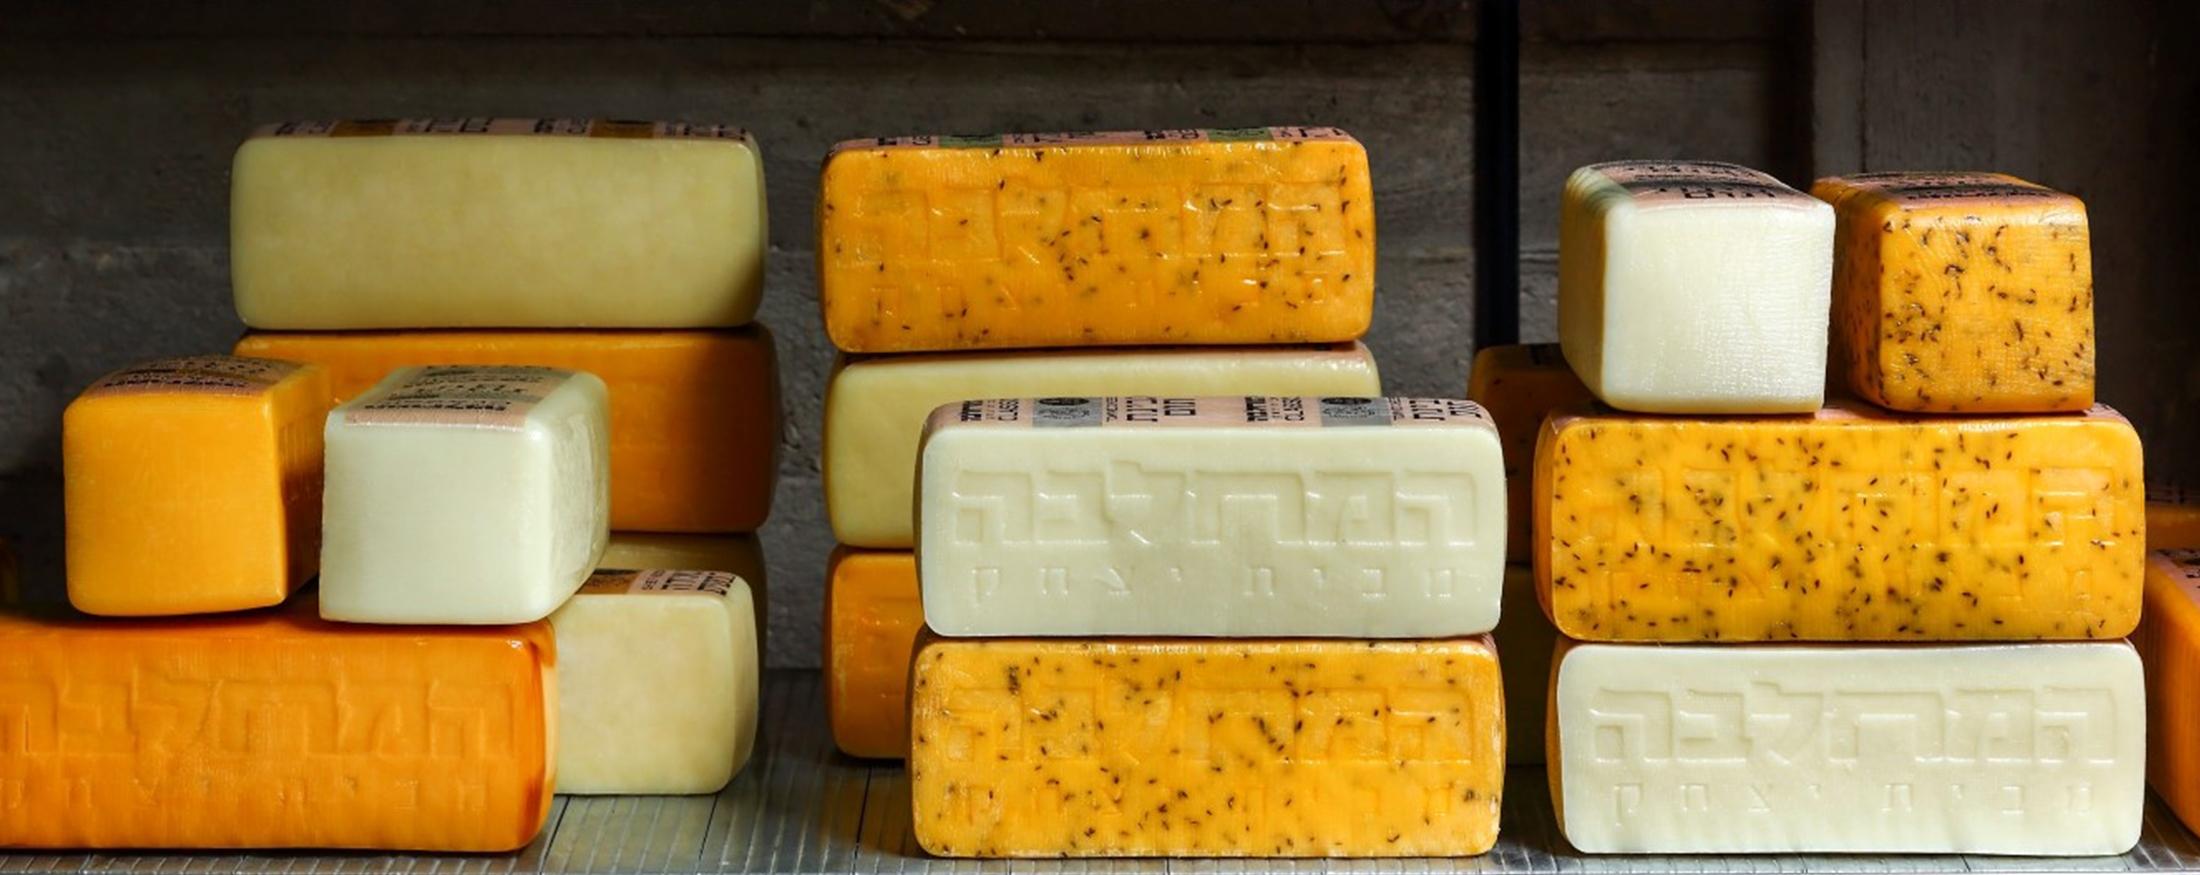 תמונת �ווירה - גבינות בחדר �כסון תמונת �ווירה - גבינות בחדר �כסון